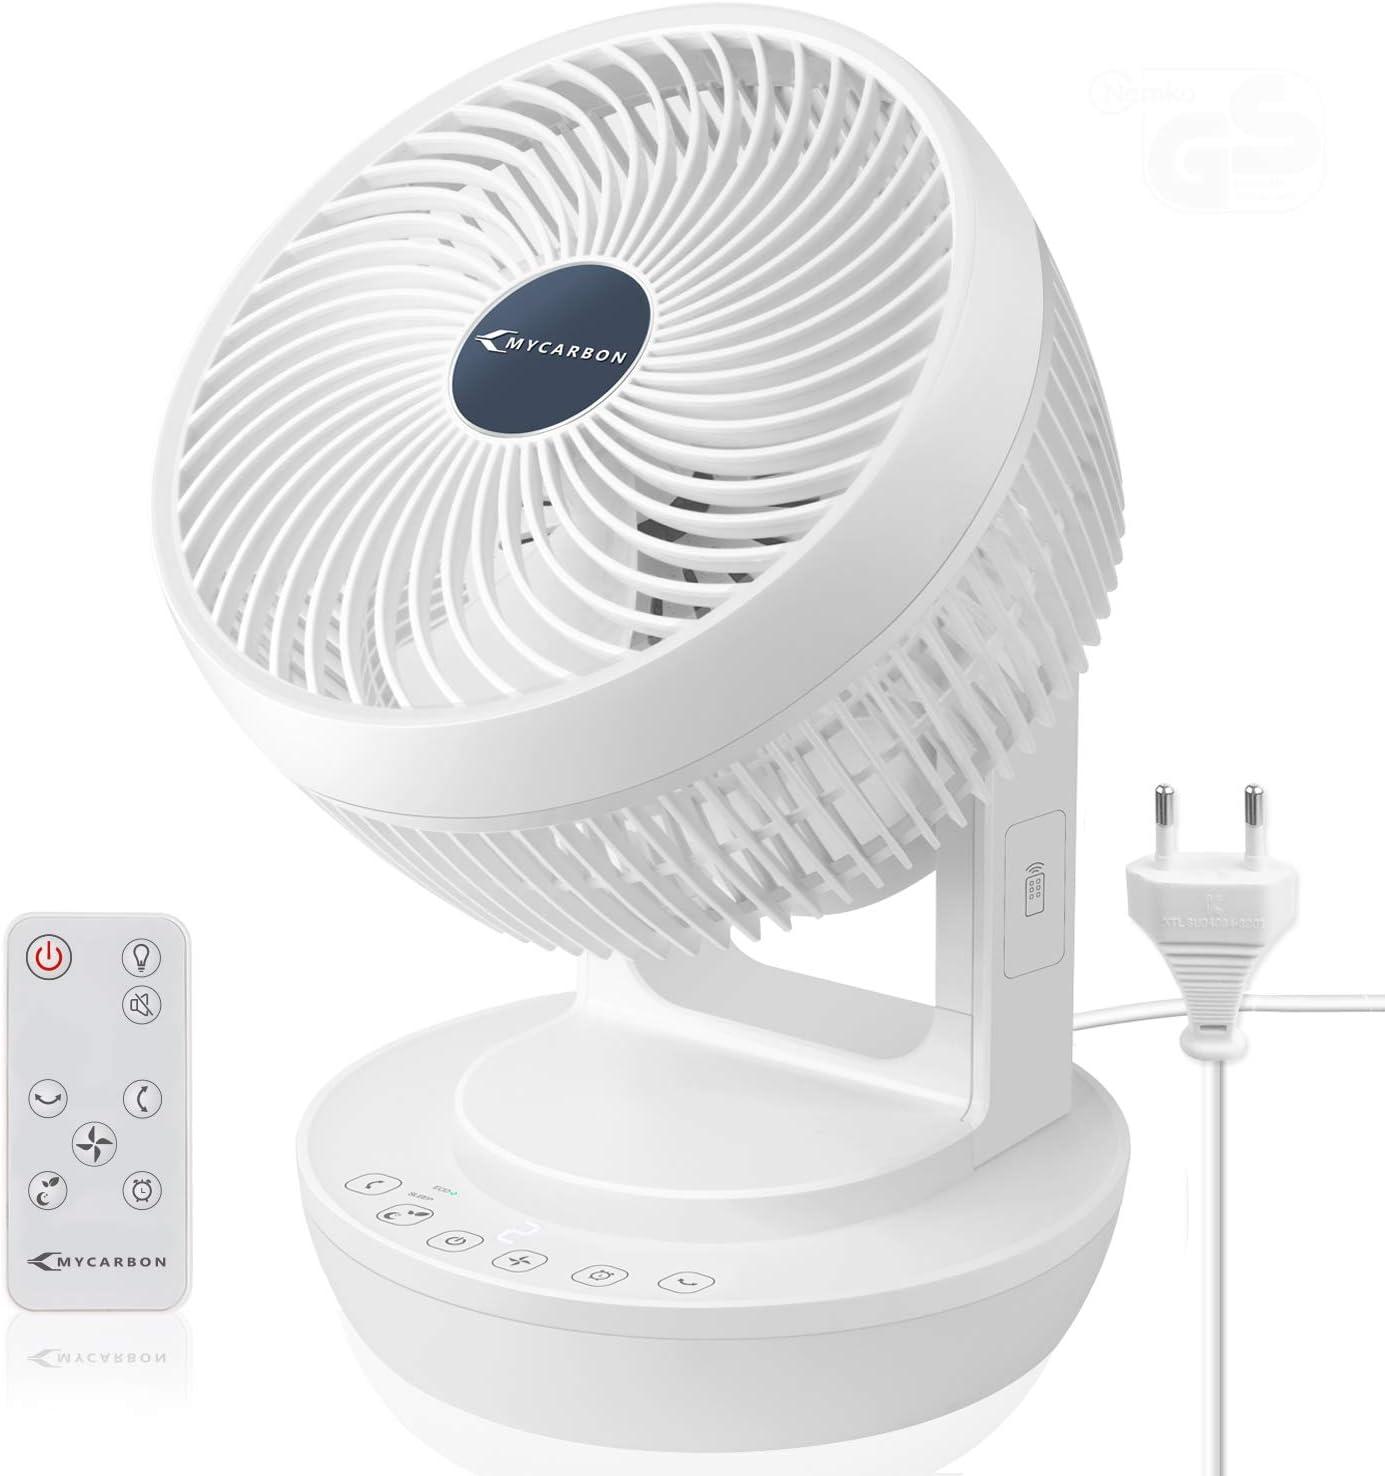 MYCARBON Ventilador Silencioso Ventilador de Mesa con Control Remoto 360° Ventilador de Escritorio con 4 Velocidades Circulación del Aire para 4 Estacionas Portátil Temporizador y Secadora de Ropa